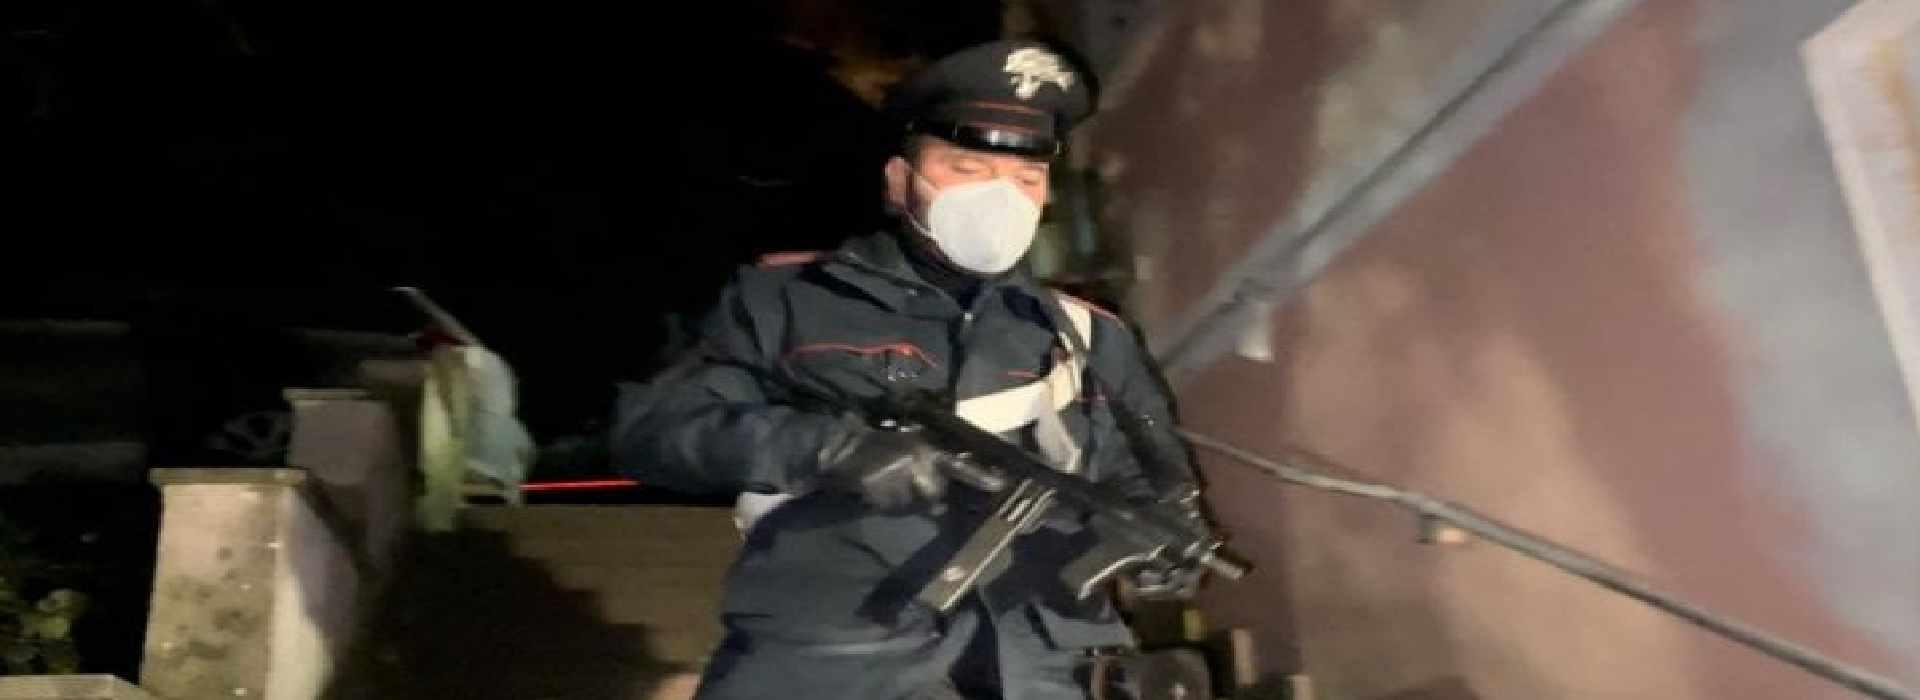 Associazione mafiosa: 33 arresti. Legami a Venezia, Grosseto e Reggio Calabria